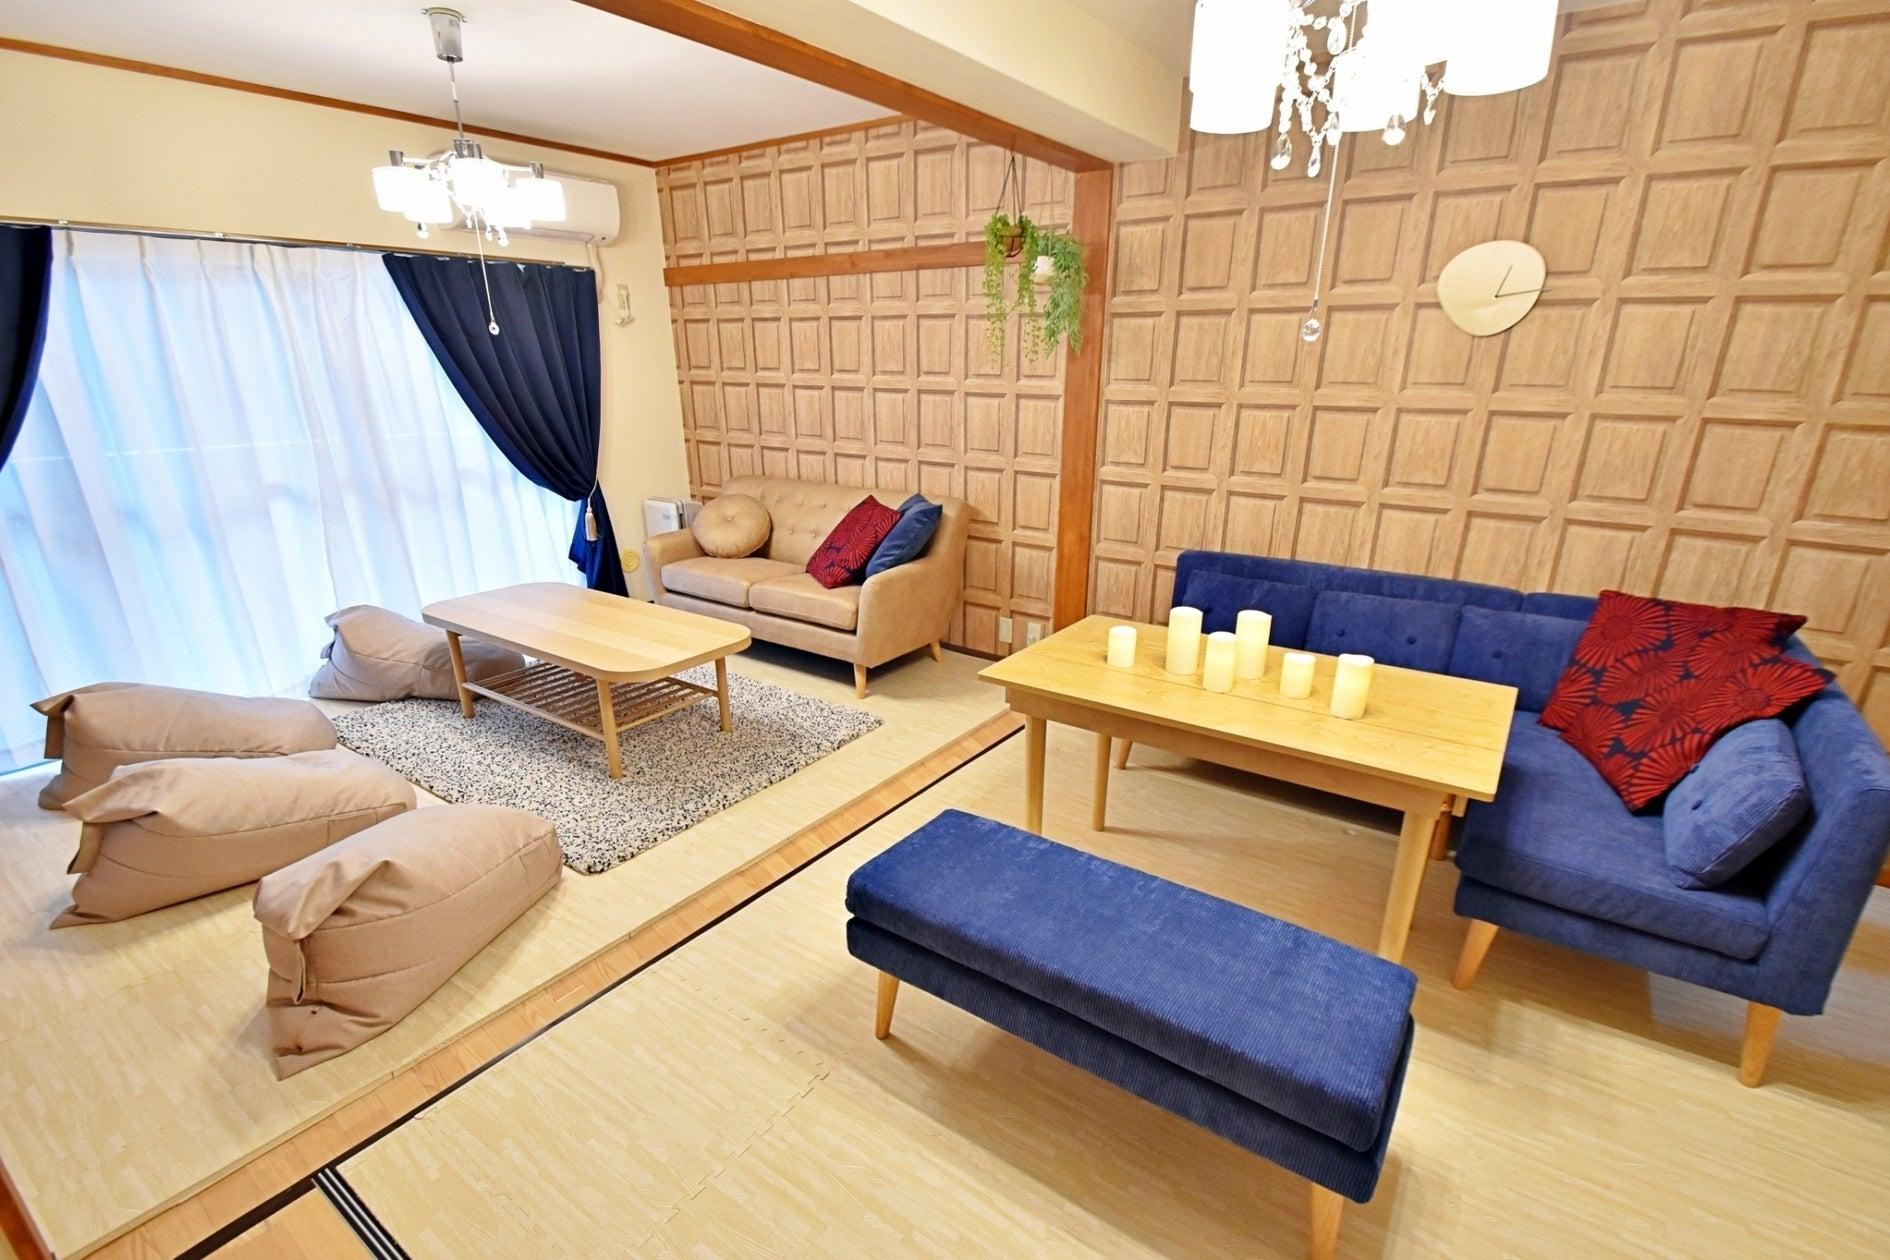 SP264 SHARESPE シェアスペpeace仙台の室内の写真